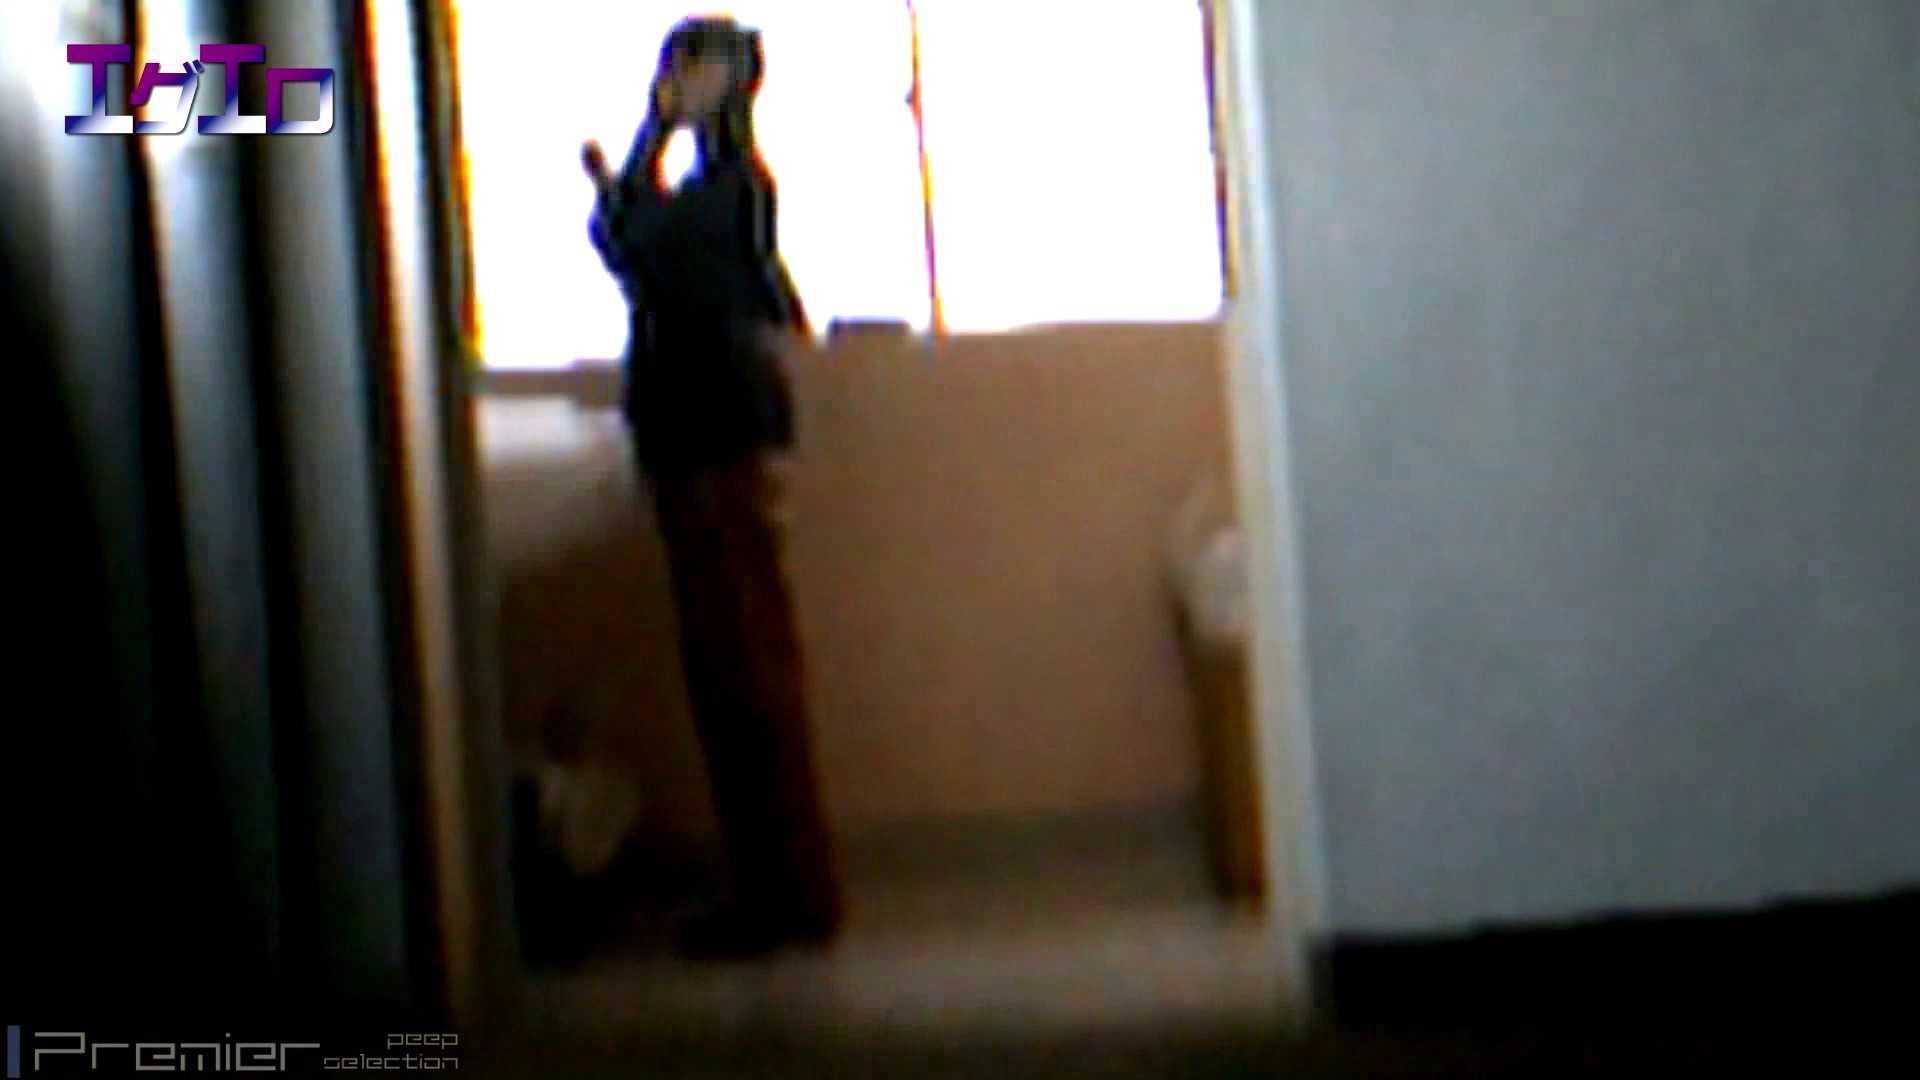 至近距離洗面所 Vol.09夏ギャルキタ~和式トイレ放nyoショー トイレの実態  80PIX 50